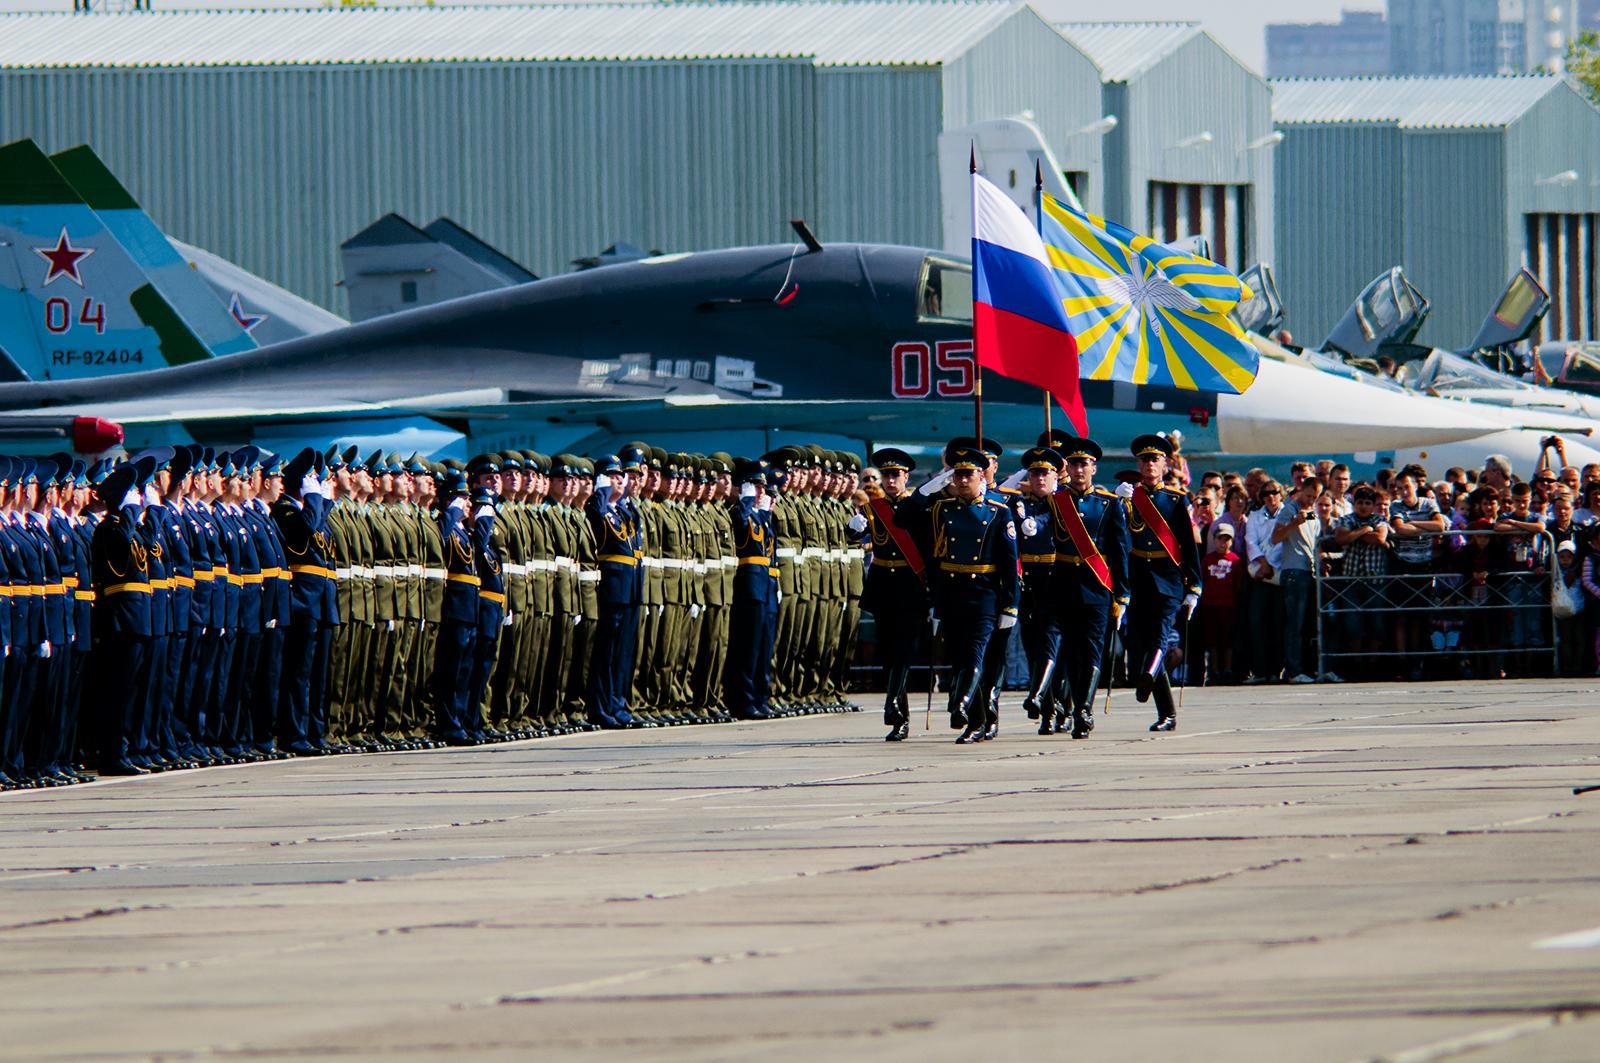 Будущих космонавтов и пилотов ищут в Хабаровске